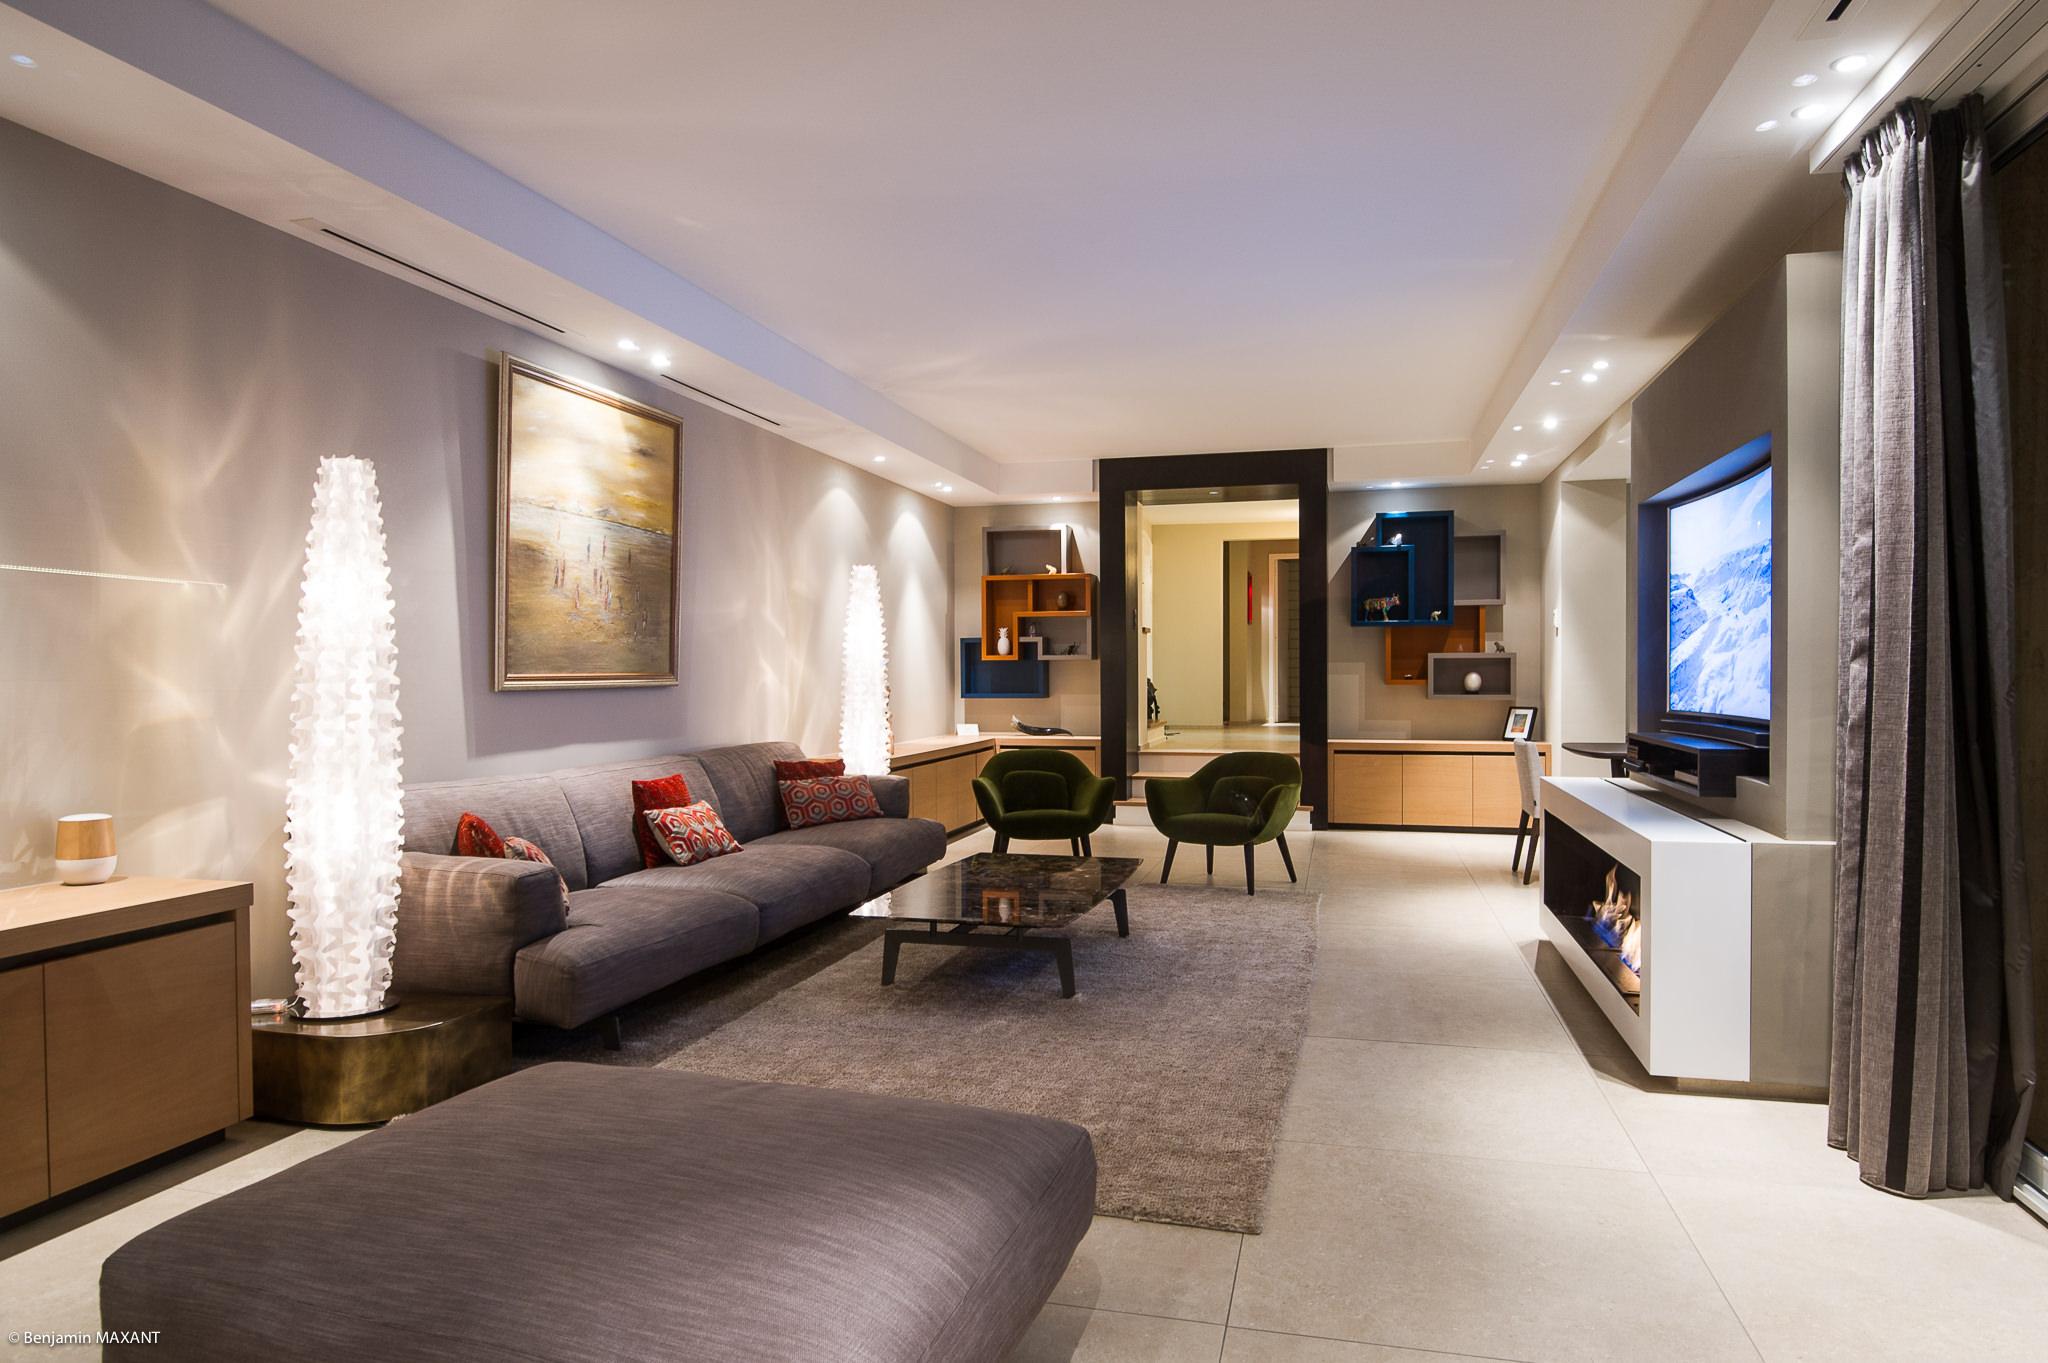 Shooting photo immobilier Côte d'Azur - salon salle à manger ouverture couloir